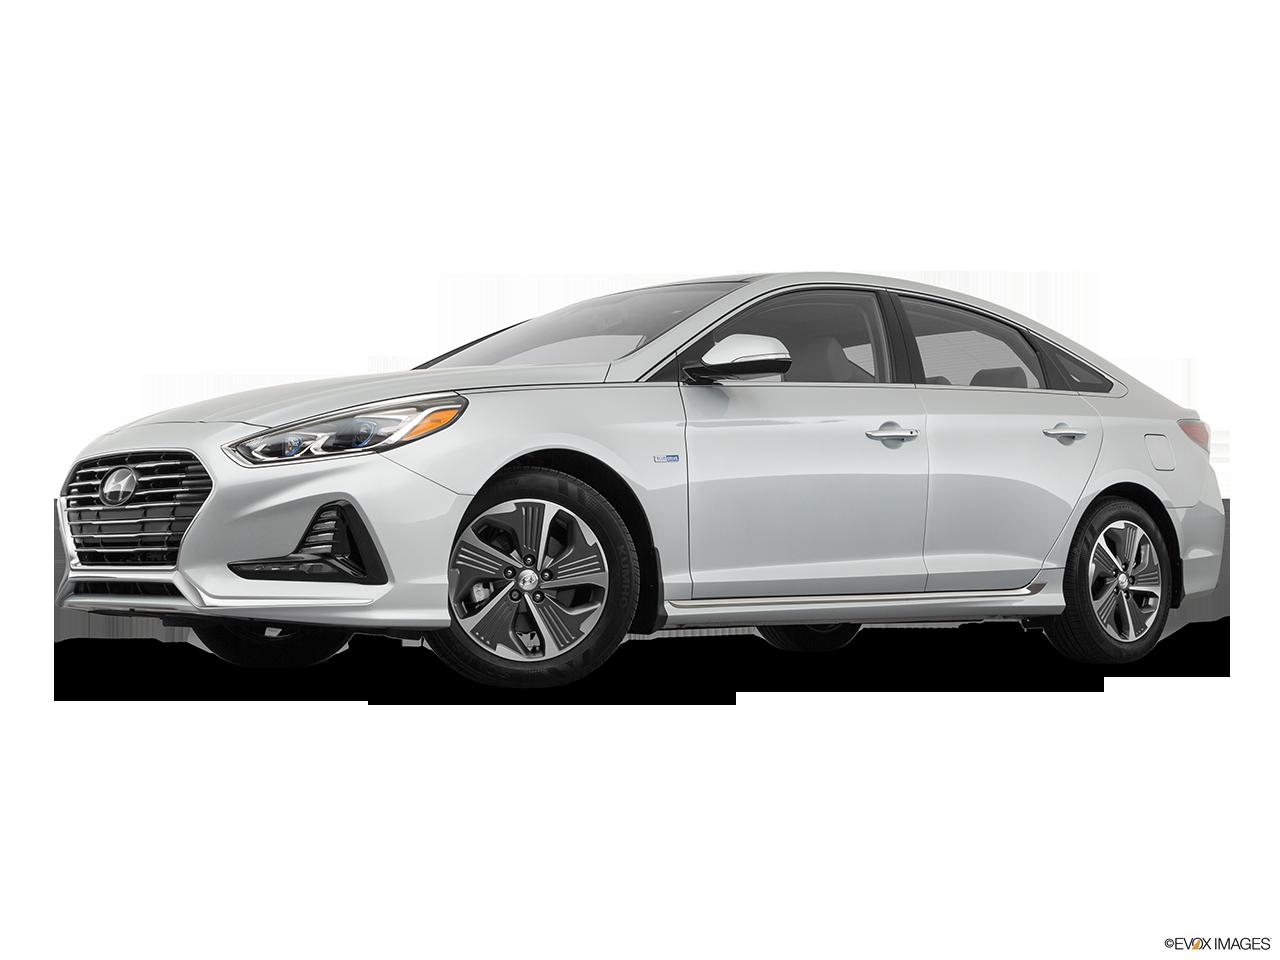 2019 Hyundai Sonata Hybrid photo